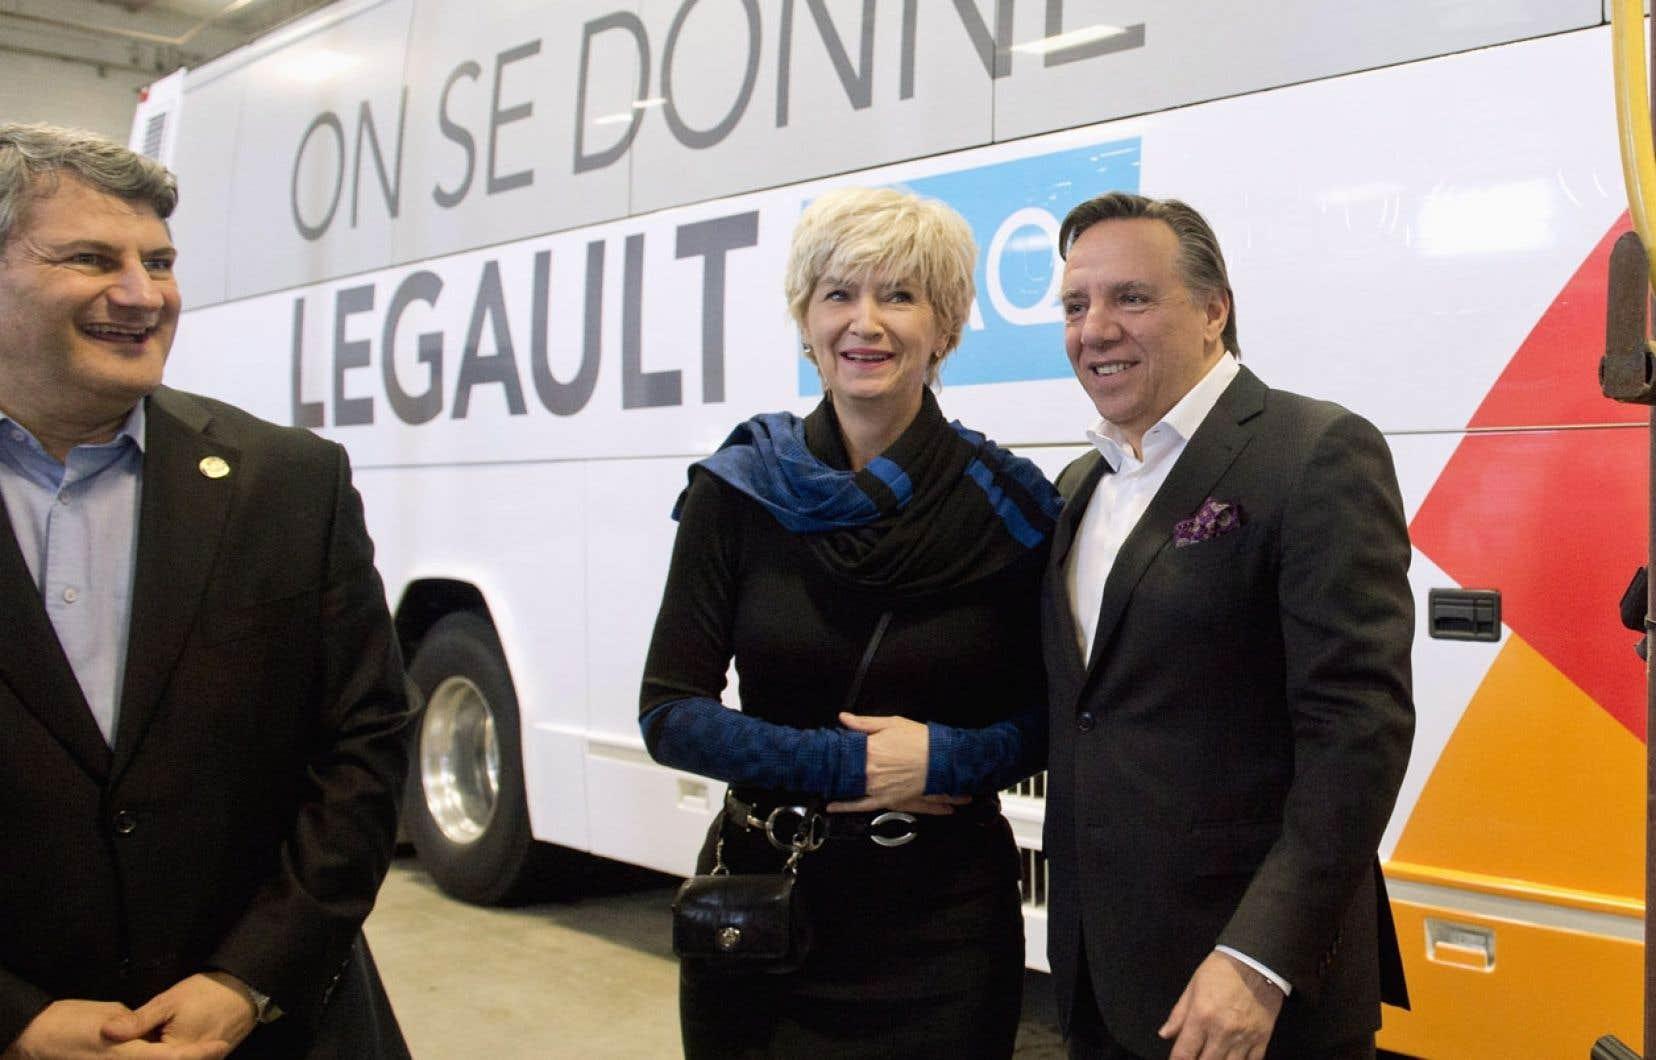 Entouré de sa femme, Isabelle Blais, et du député Gérard Deltell, François Legault a dévoilé mardi son autobus de campagne tapissé du slogan de la CAQ «On se donne Legault».